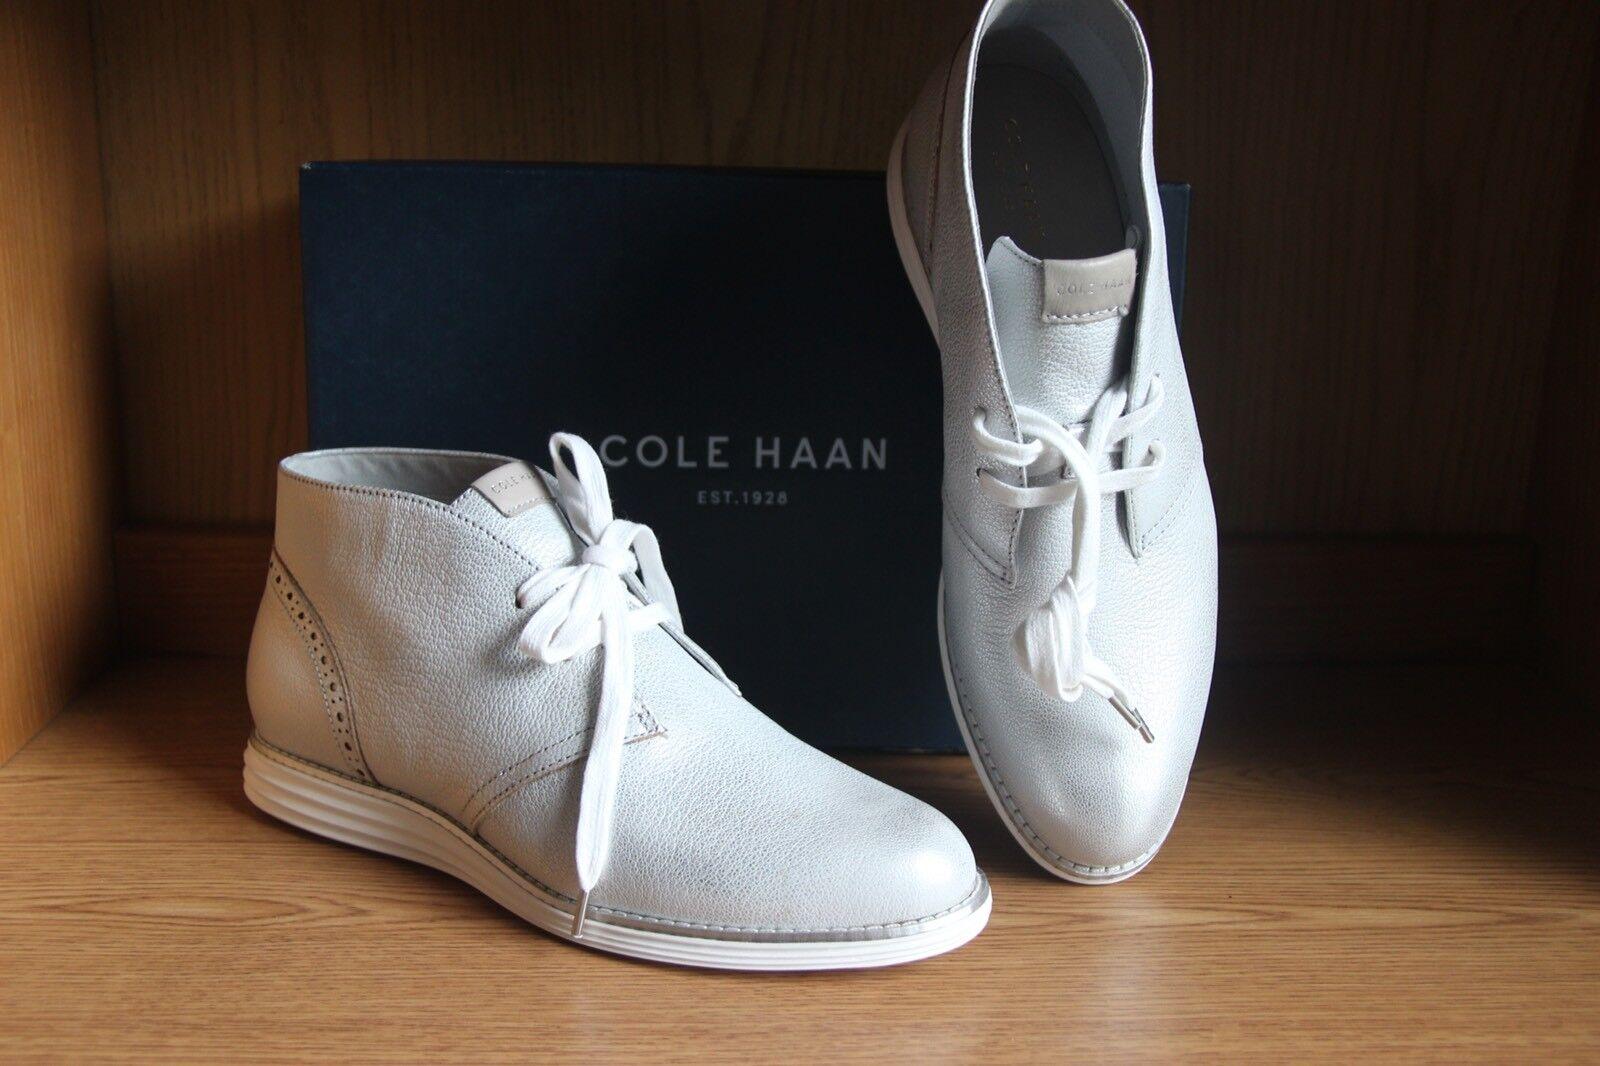 Cole Haan Original Grand Optic blanco Chukka bota mujer Talla 9.5 W03197